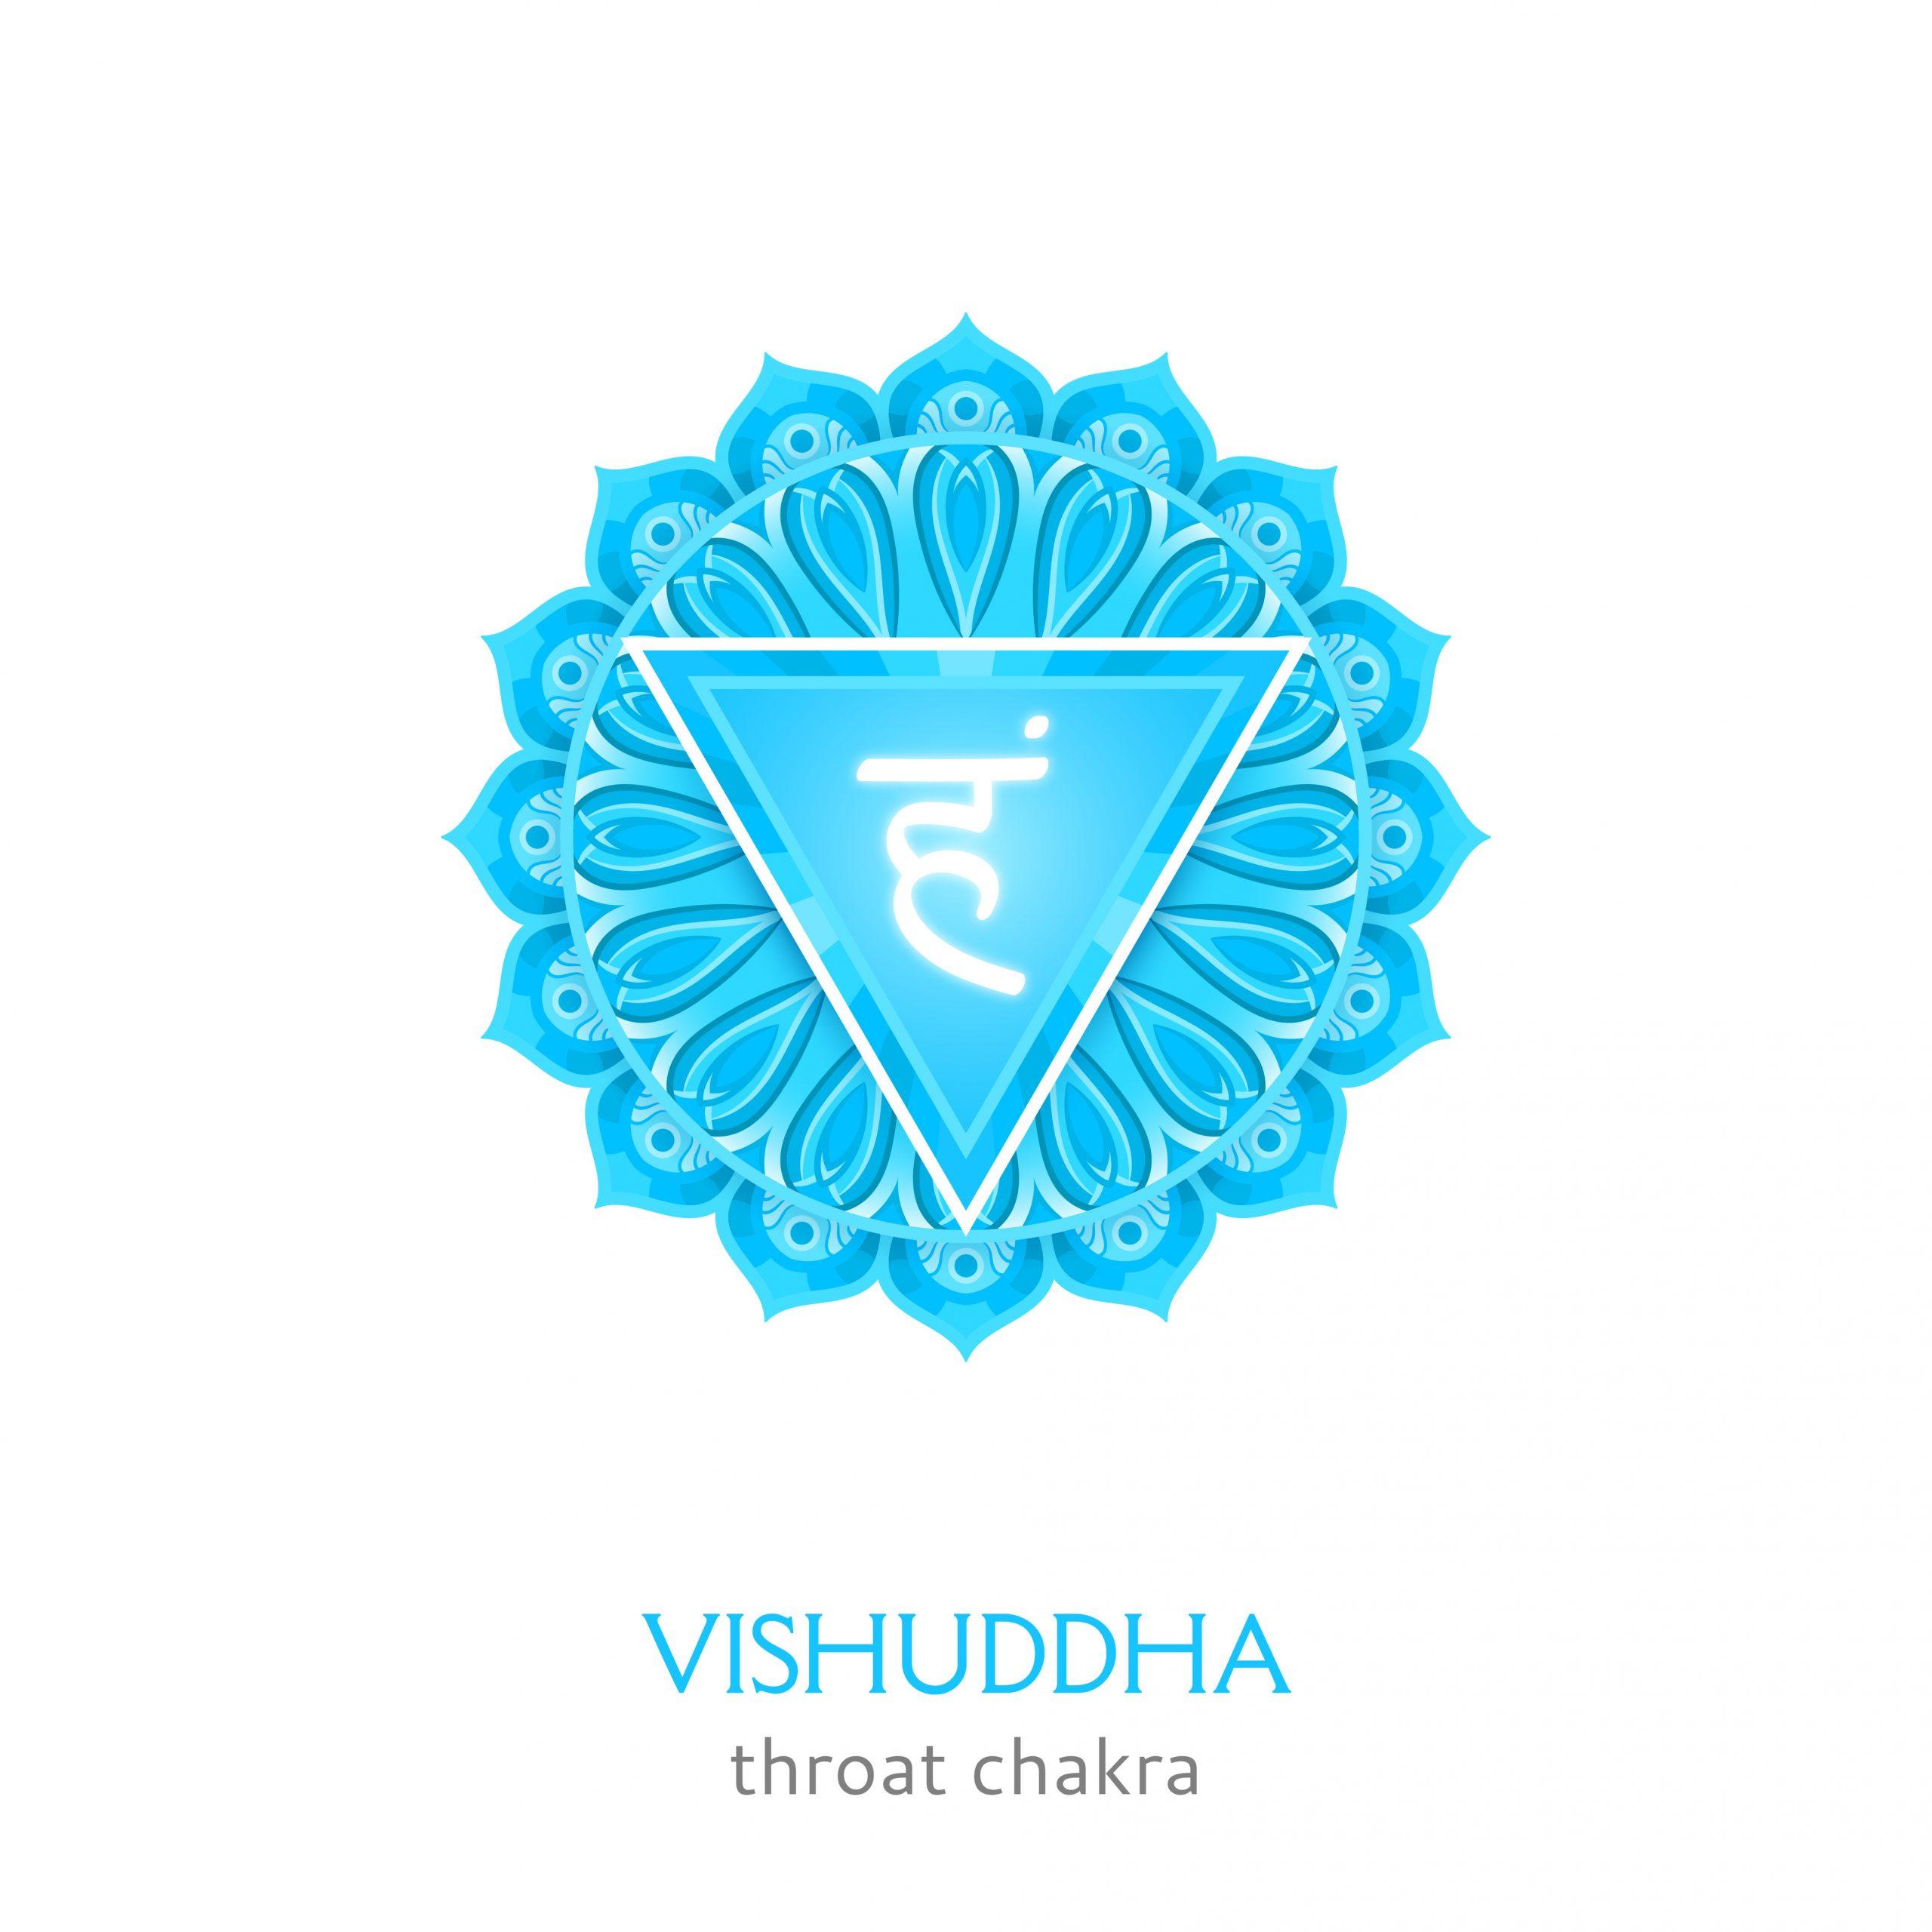 Vishuddha, throat chakra symbol. Colorful mandala. Vector illustration